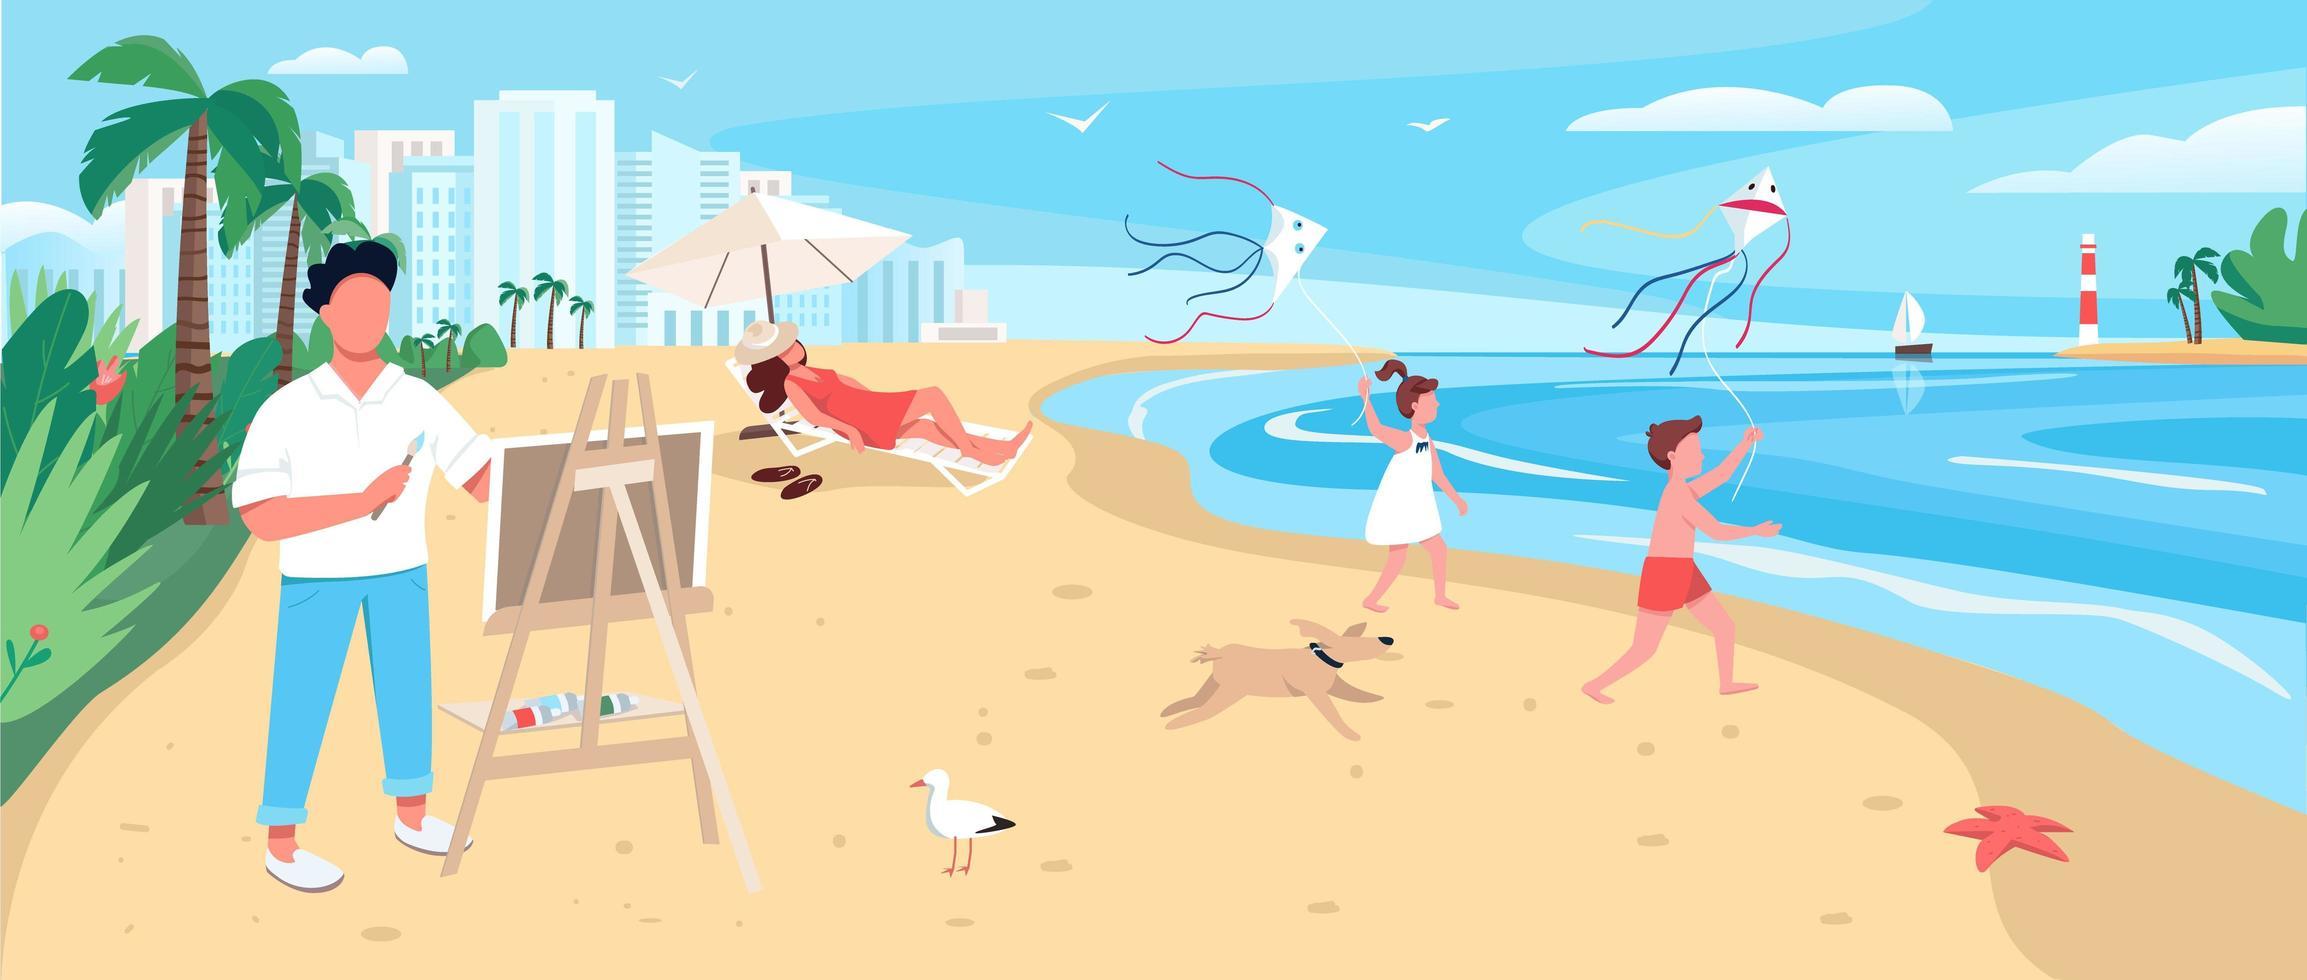 artista dipinto alla spiaggia di sabbia esotica vettore